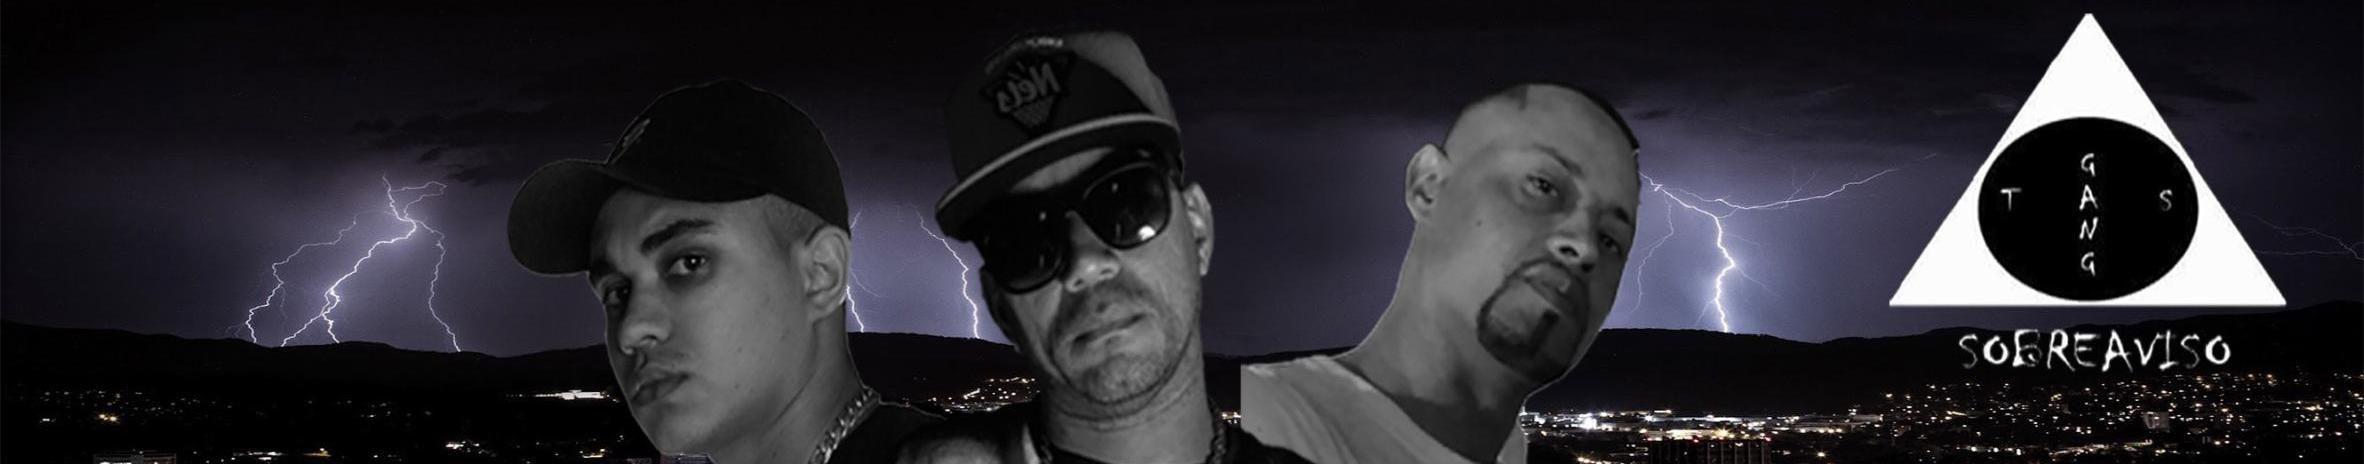 Imagem de capa de Grupo SobreAviso